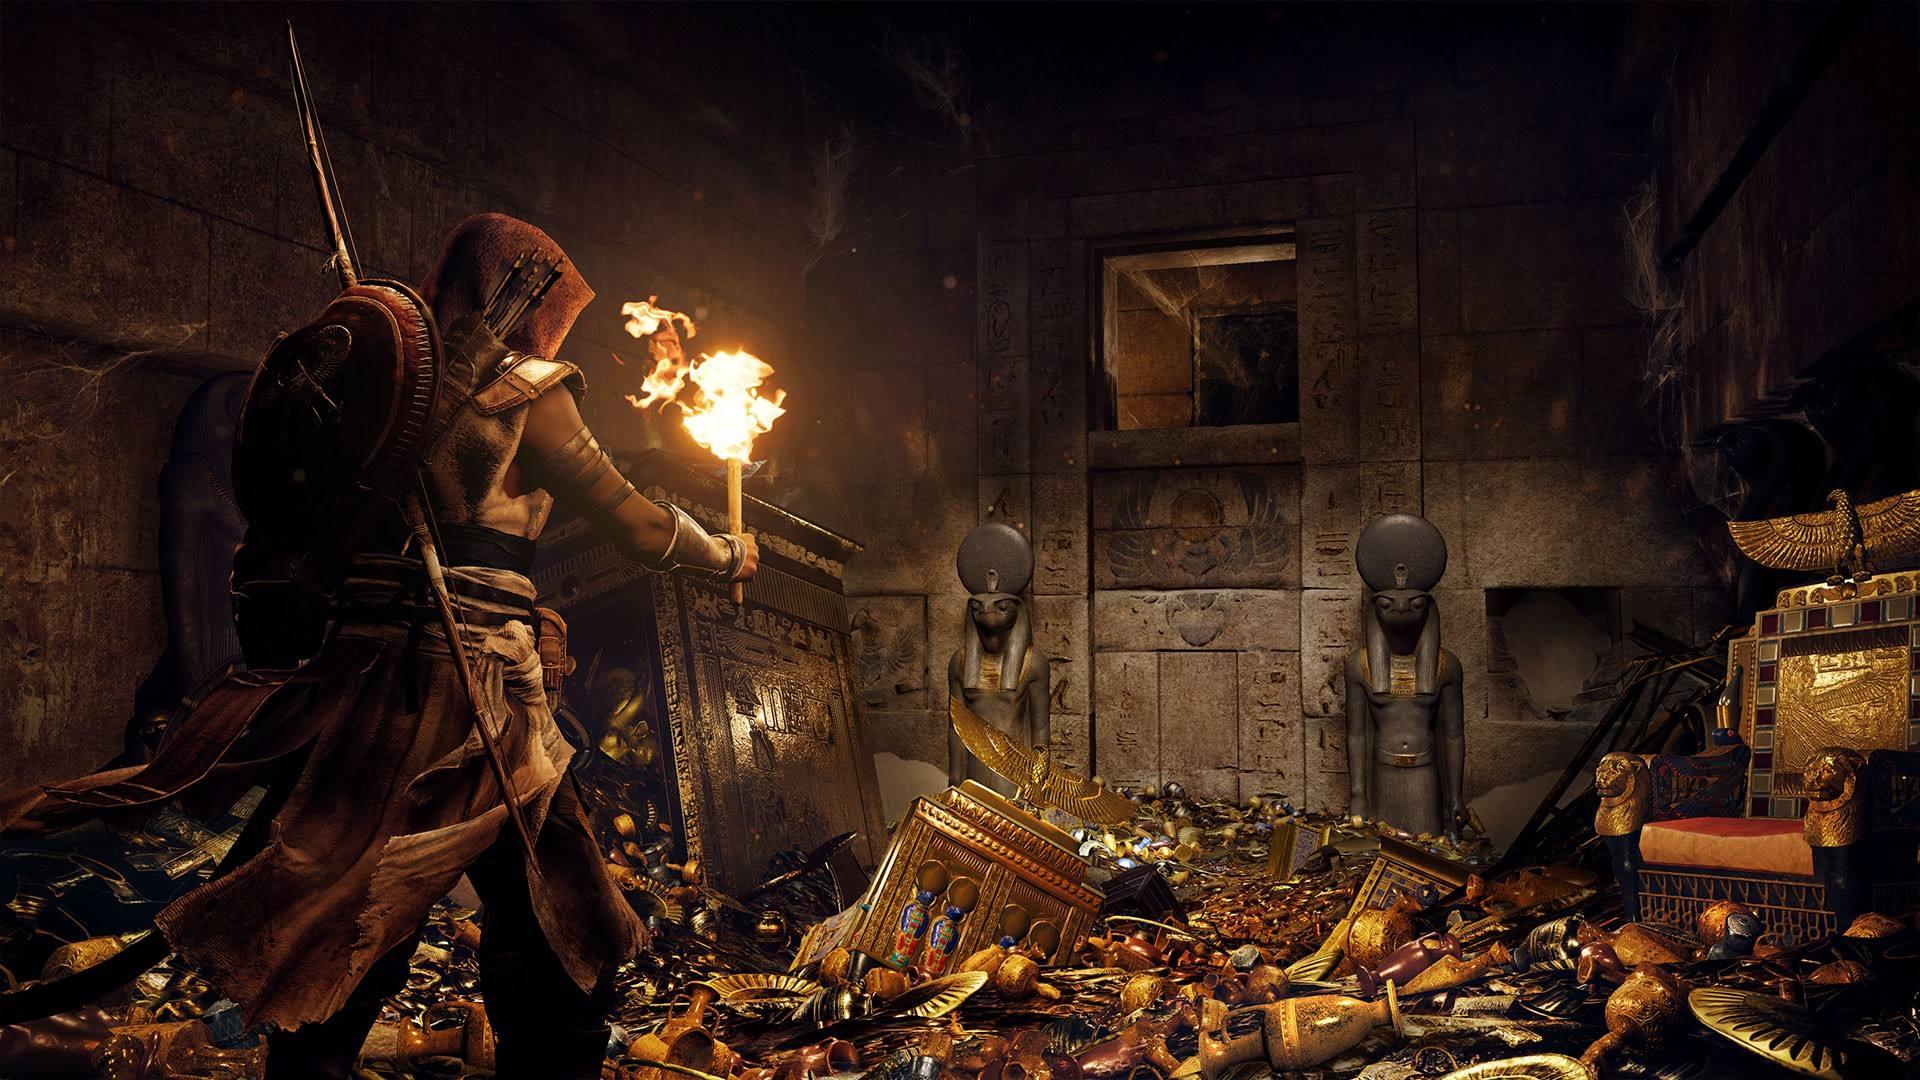 刺客信条 起源 战斗详解 超过160件武器